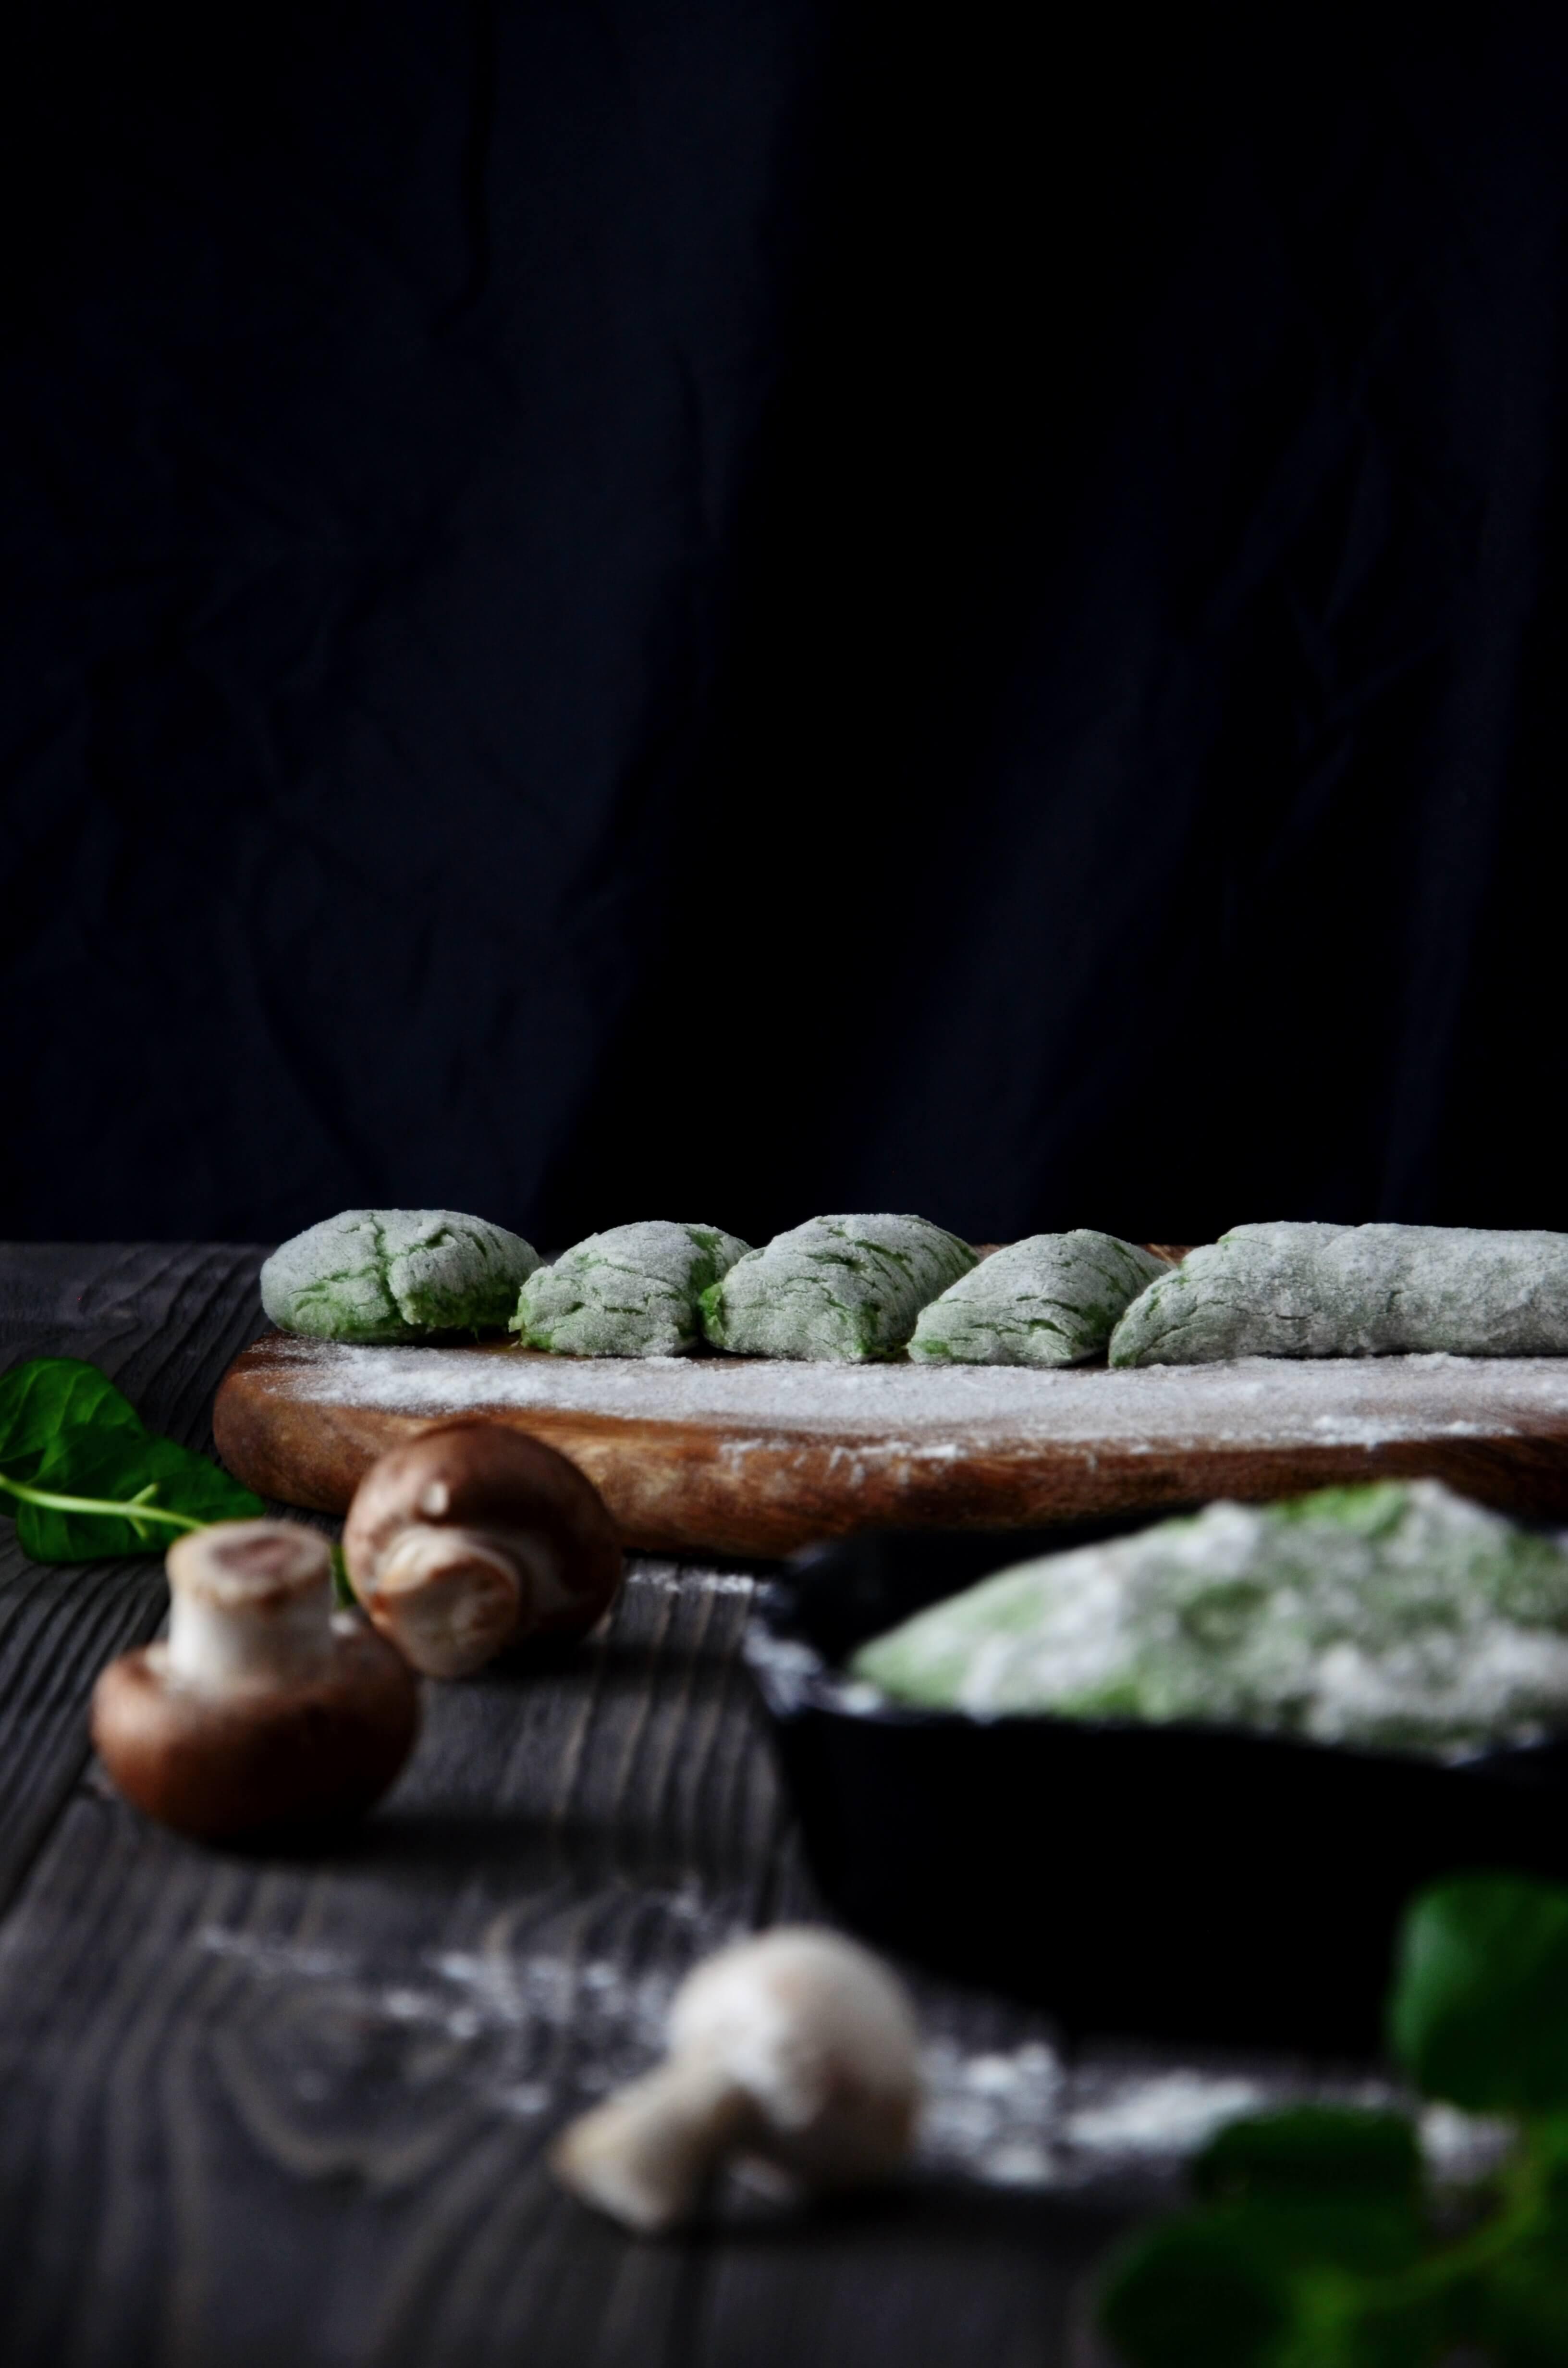 szpinakowe gnocchi z grana padano